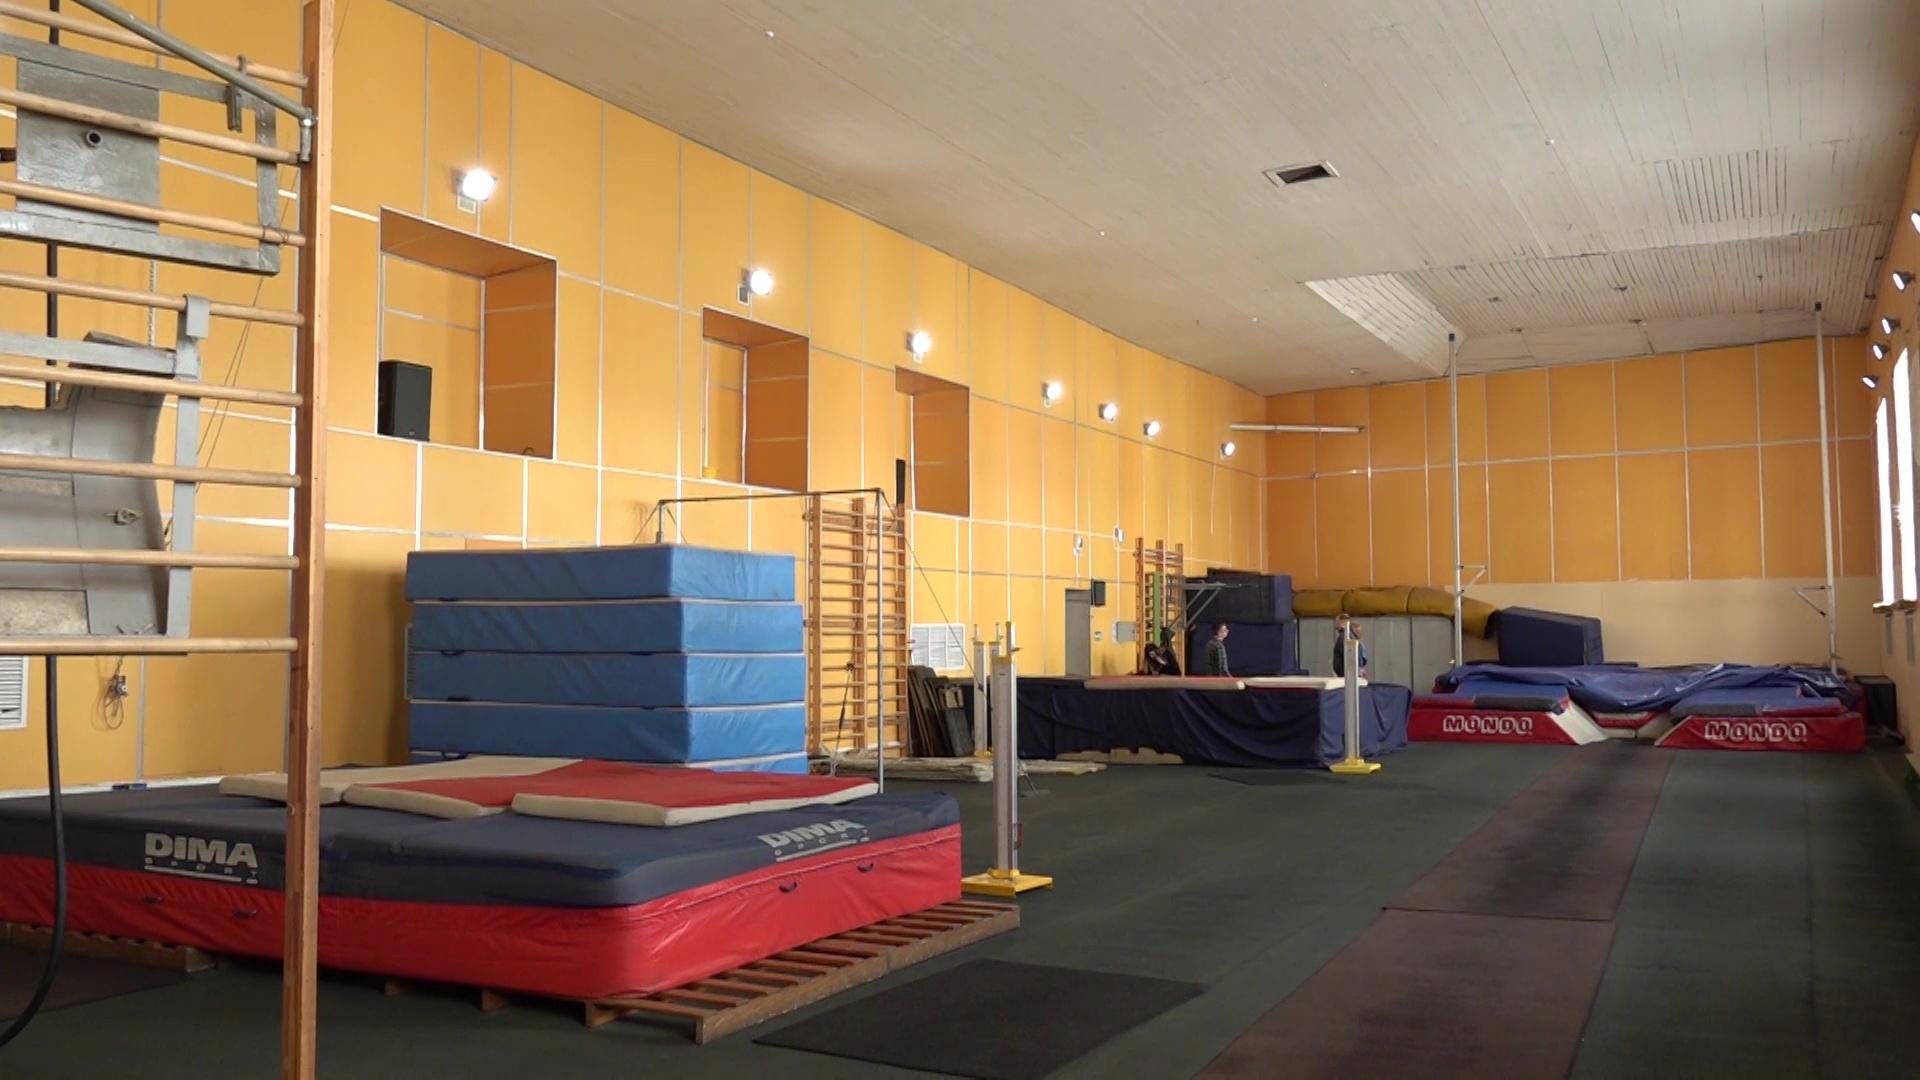 В закрытом режиме и без тренировок: ярославская школа легкой атлетики готовится отпраздновать день рождения